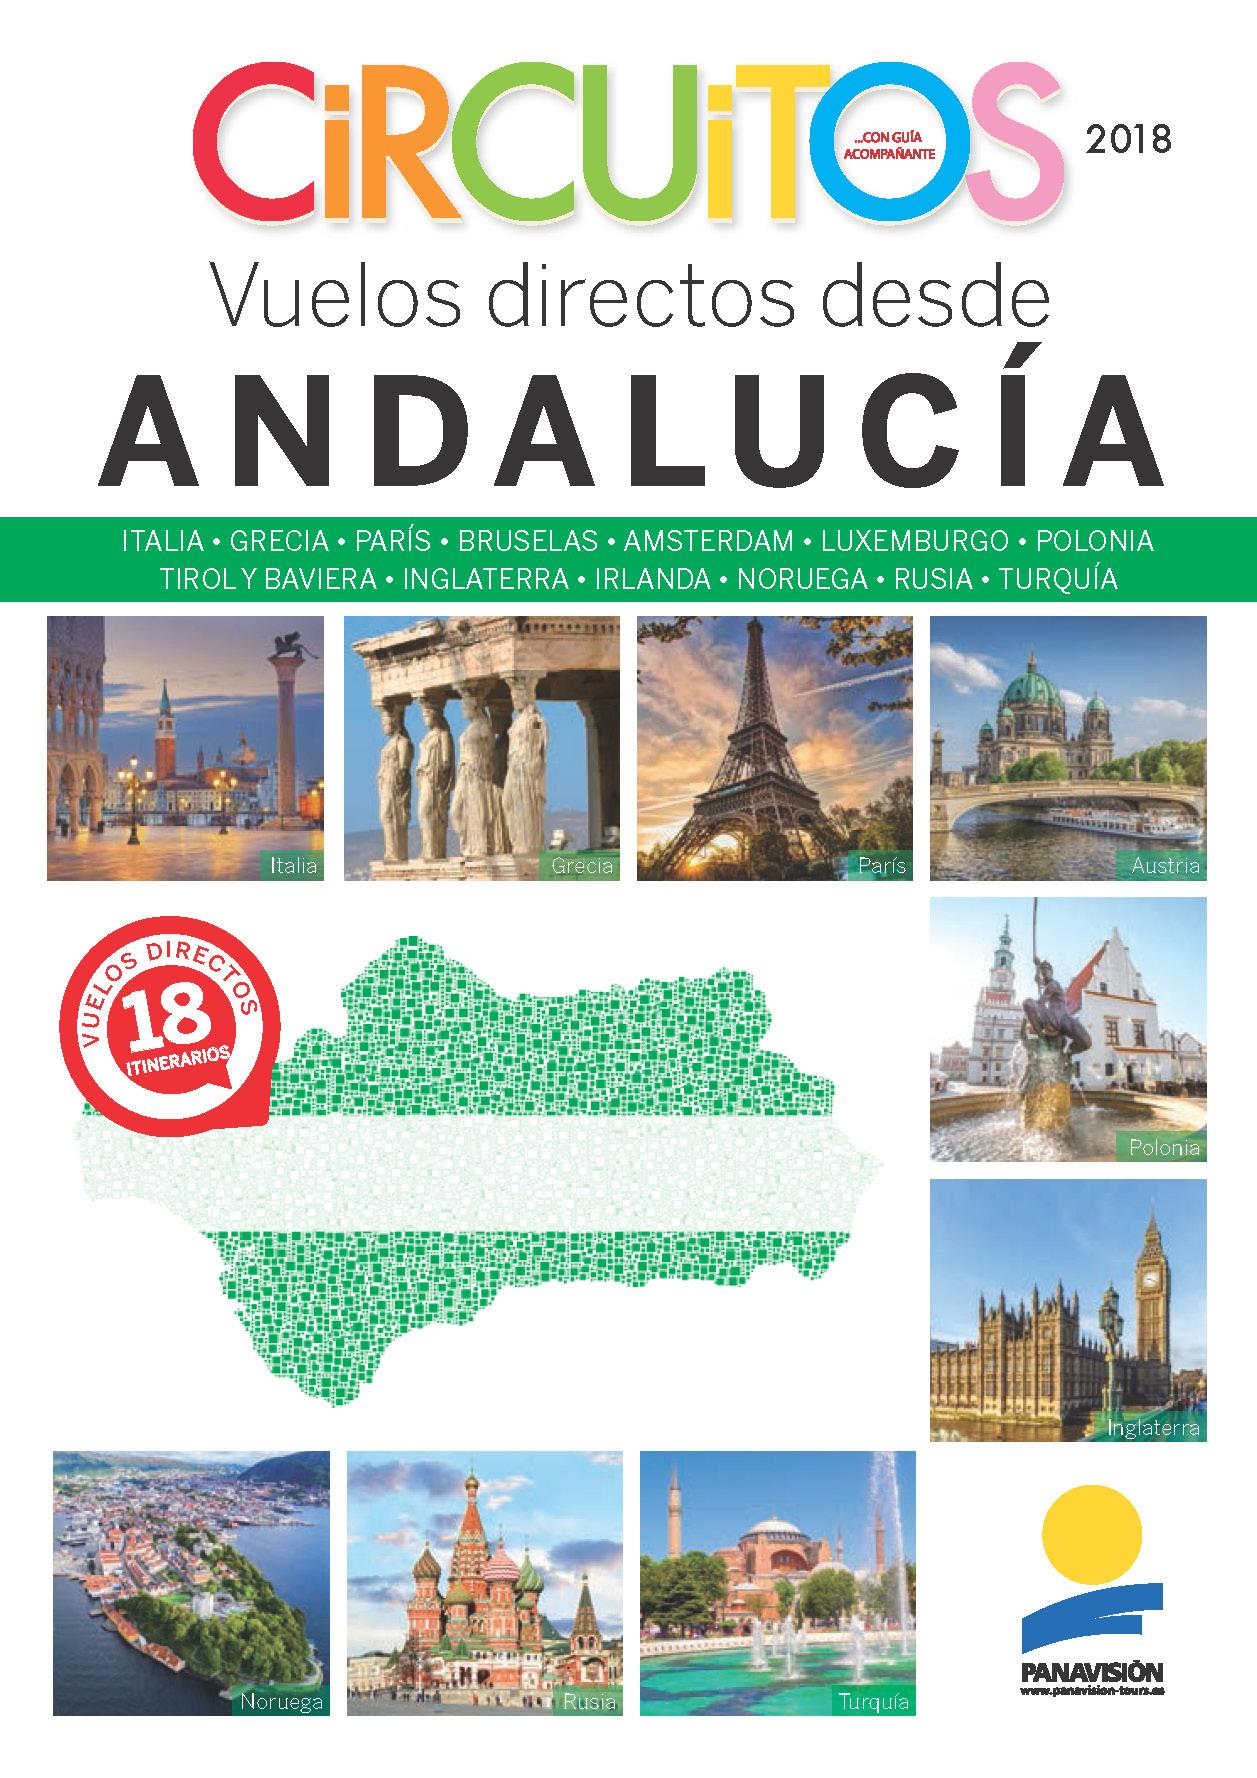 Catalogo Panavisión Circuitos con vuelos directos desde Andalucia 2018 SV8